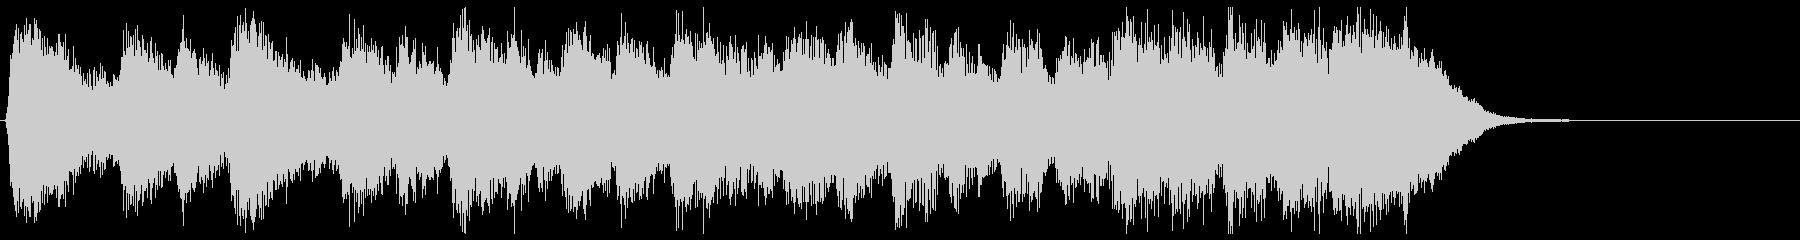 古風で格調高いフルオケジングル合唱付の未再生の波形